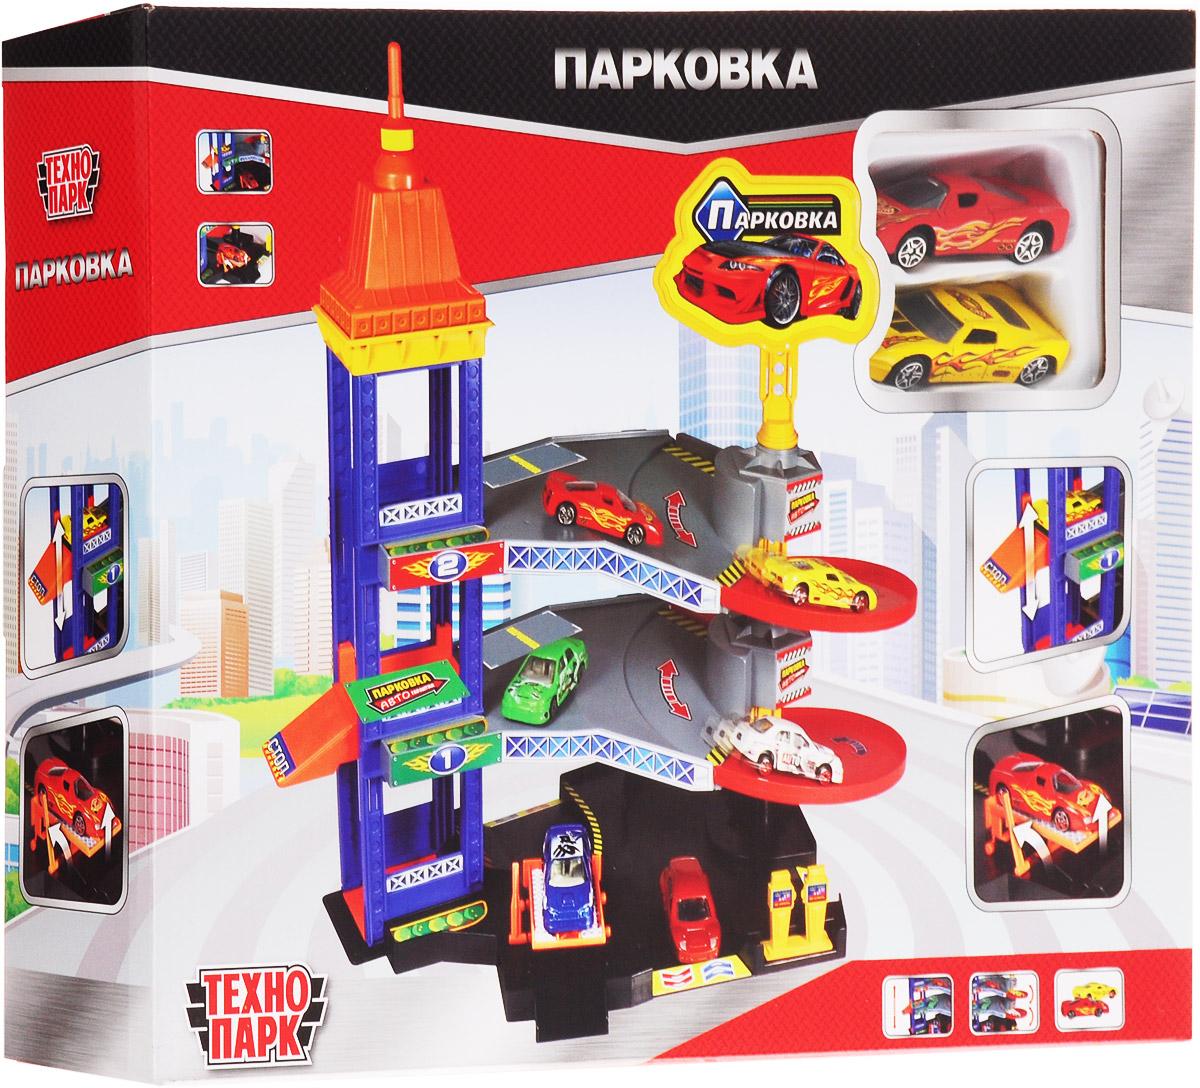 Парковка Технопарк 32524-R гаражи и игровые наборы технопарк игровой набор технопарк парковка спецслужб со спуском